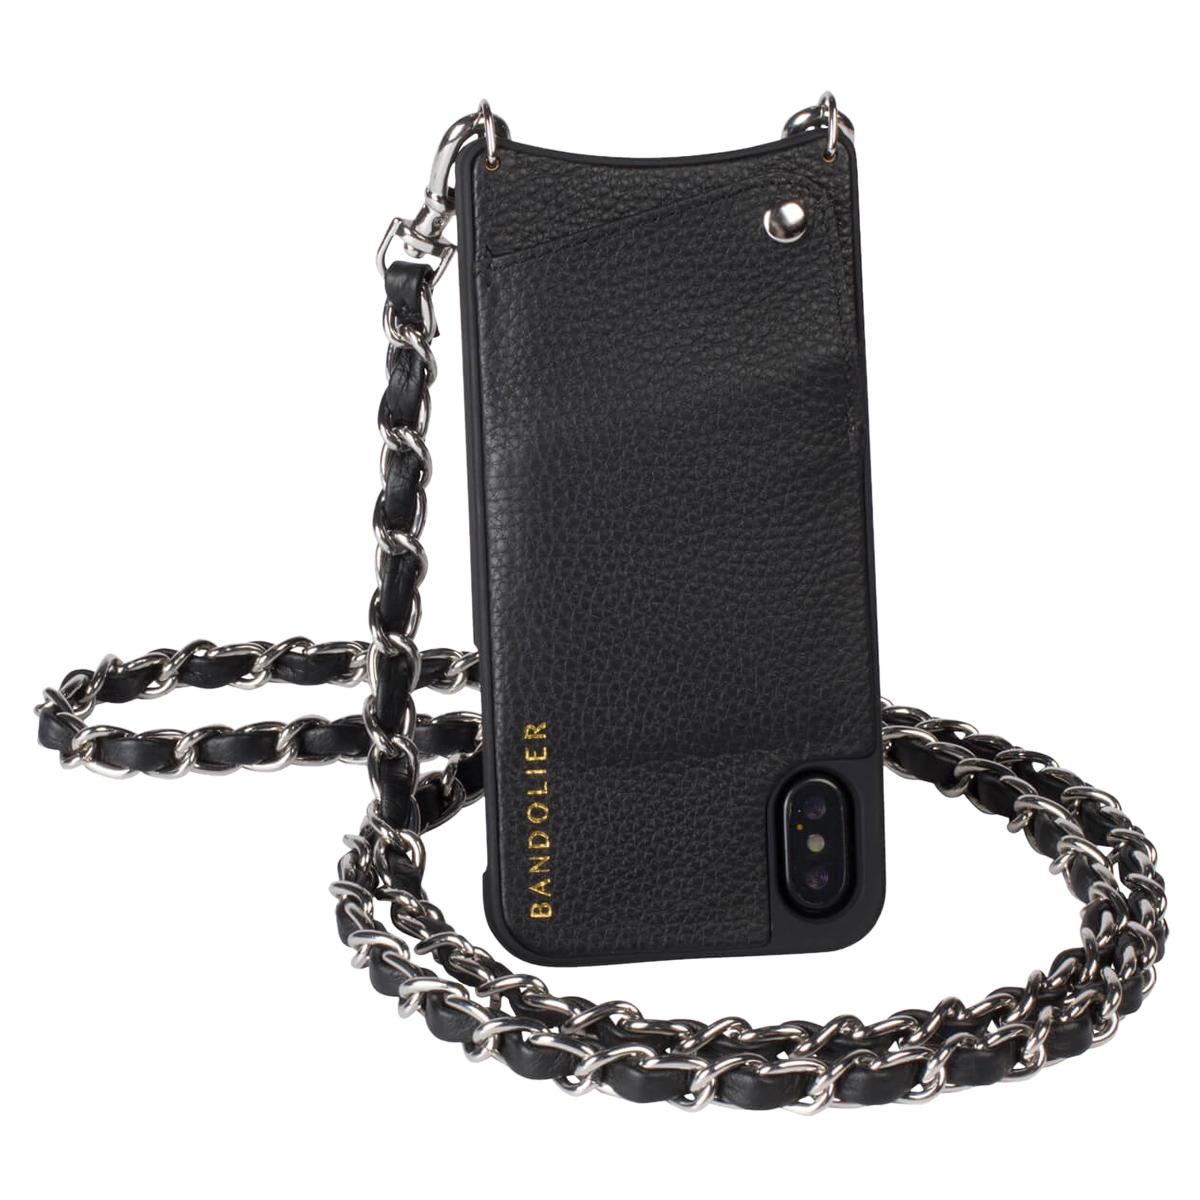 BANDOLIER iPhone XS MAX LUCY PEWTER バンドリヤー ケース ショルダー スマホ アイフォン レザー メンズ レディース ブラック 10LCY1001 [191]